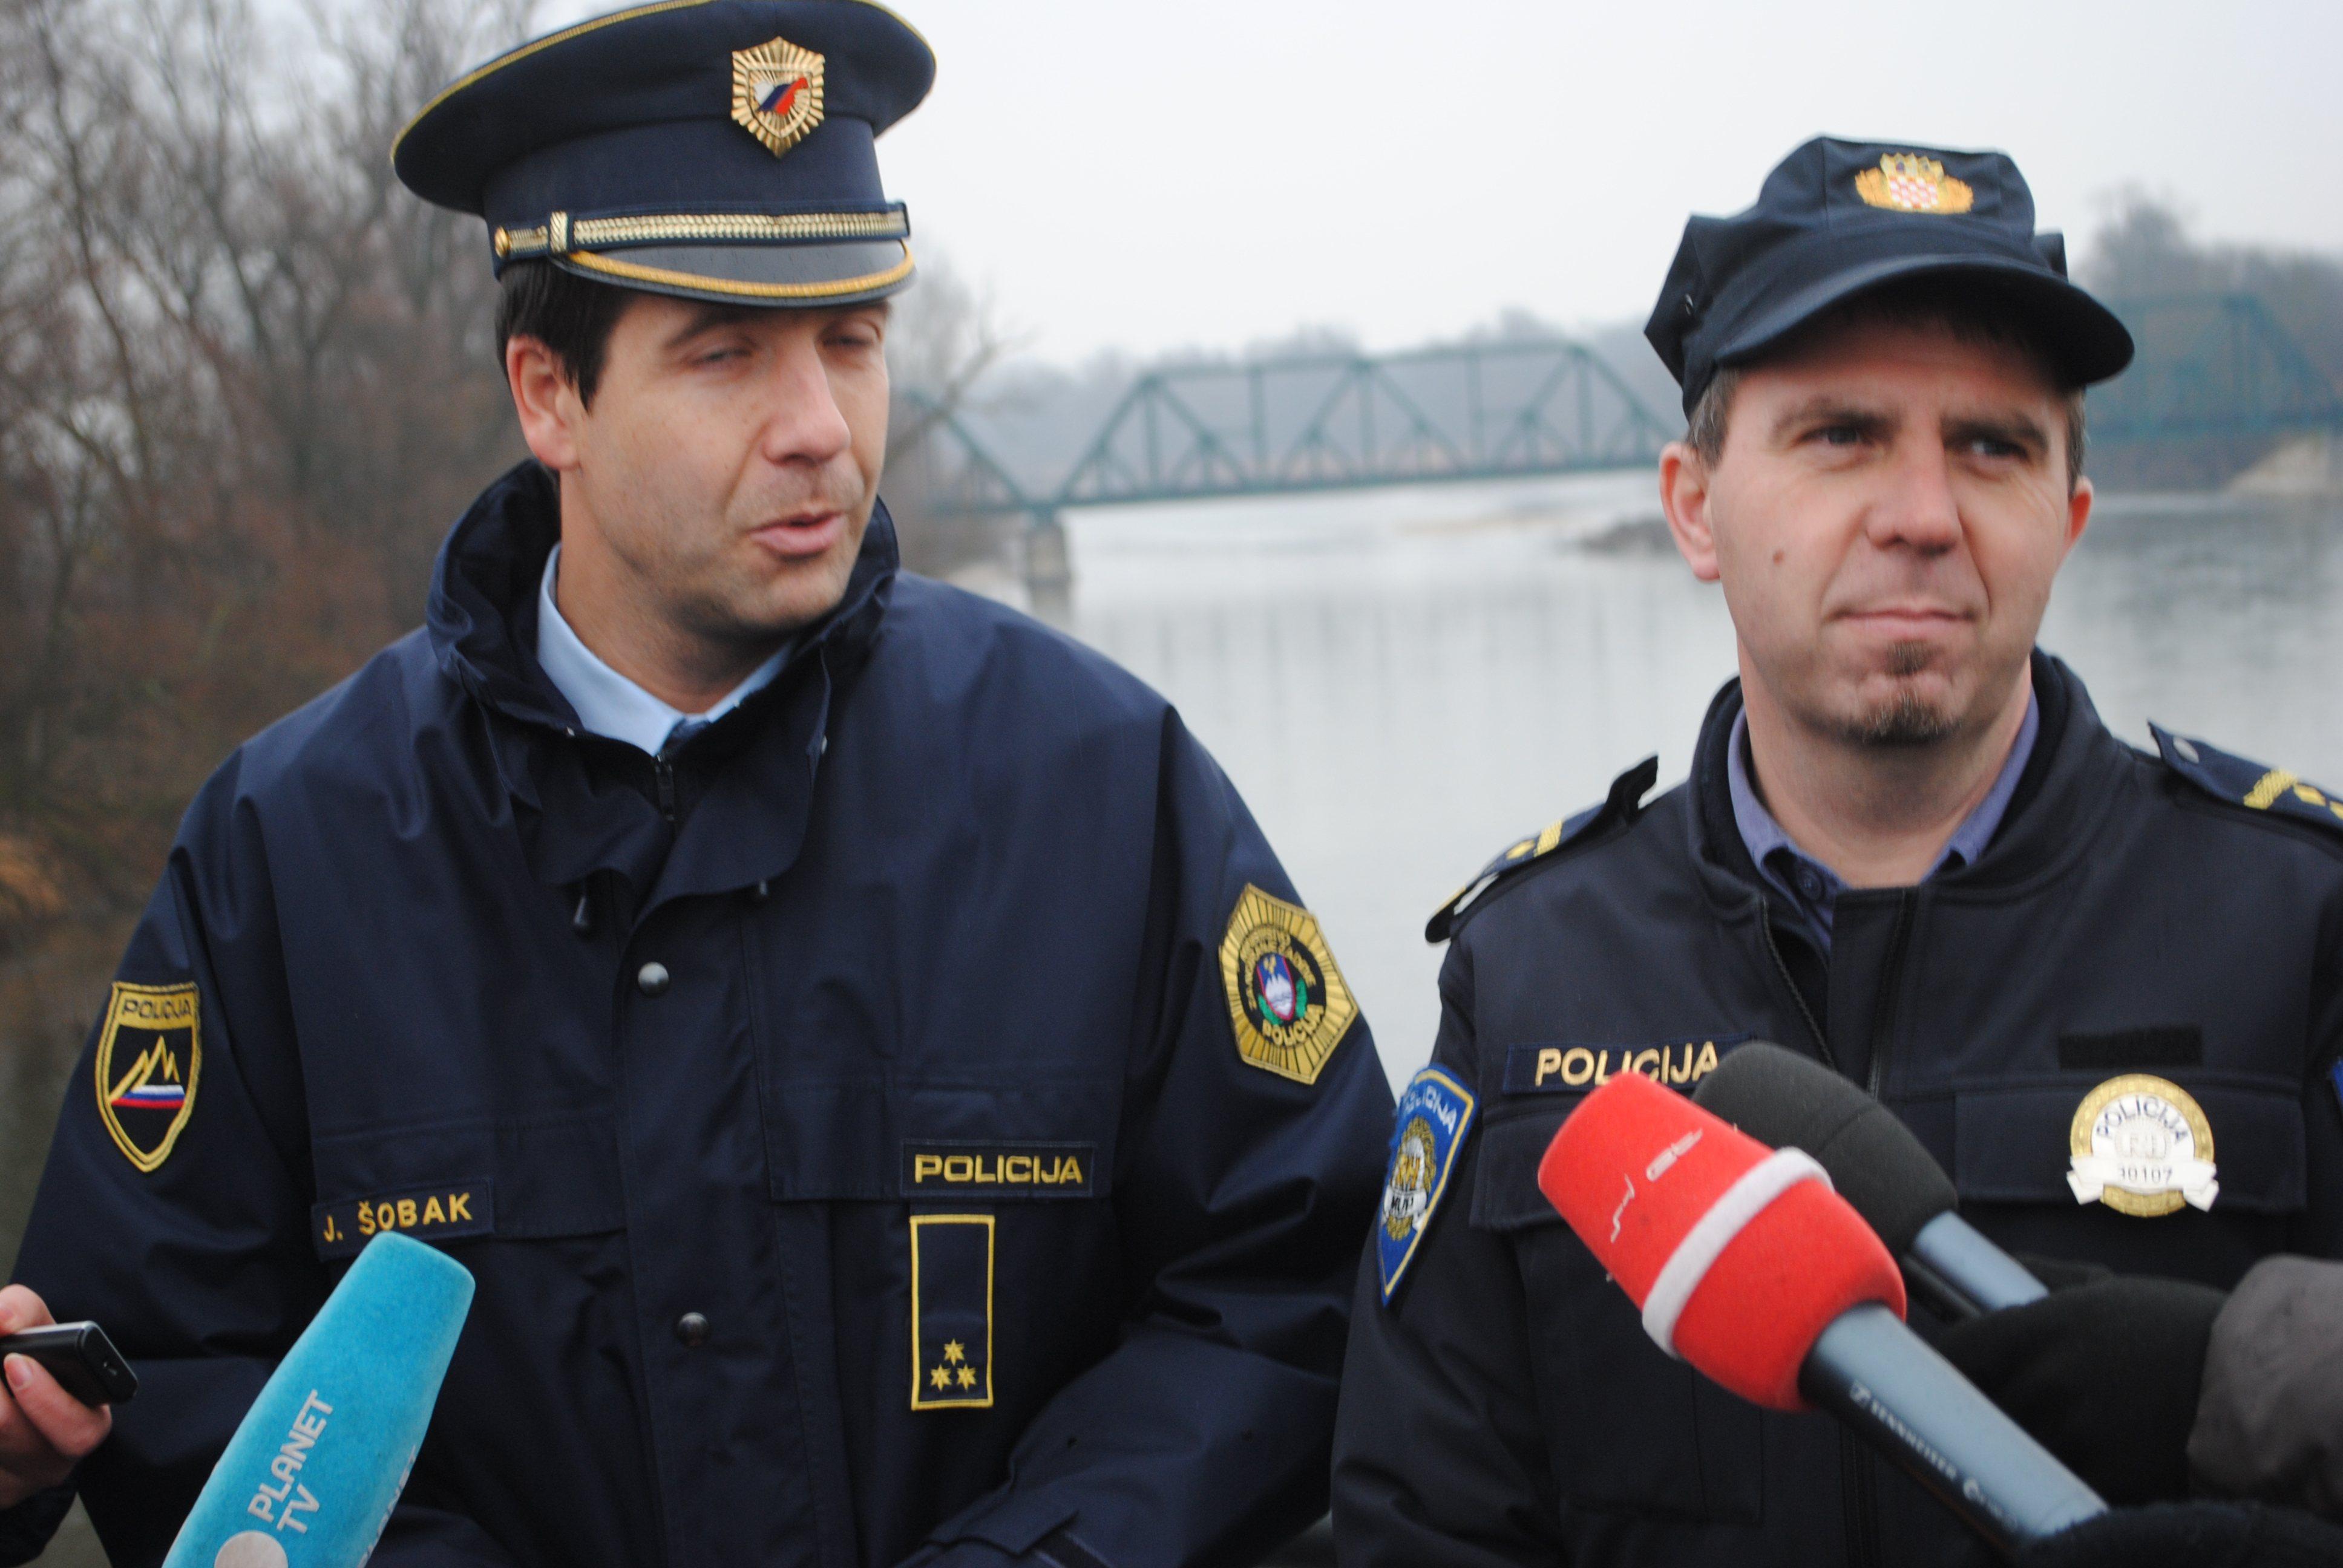 Janko Šobak in Miljenko Vrbanec na mostu čez Muro.